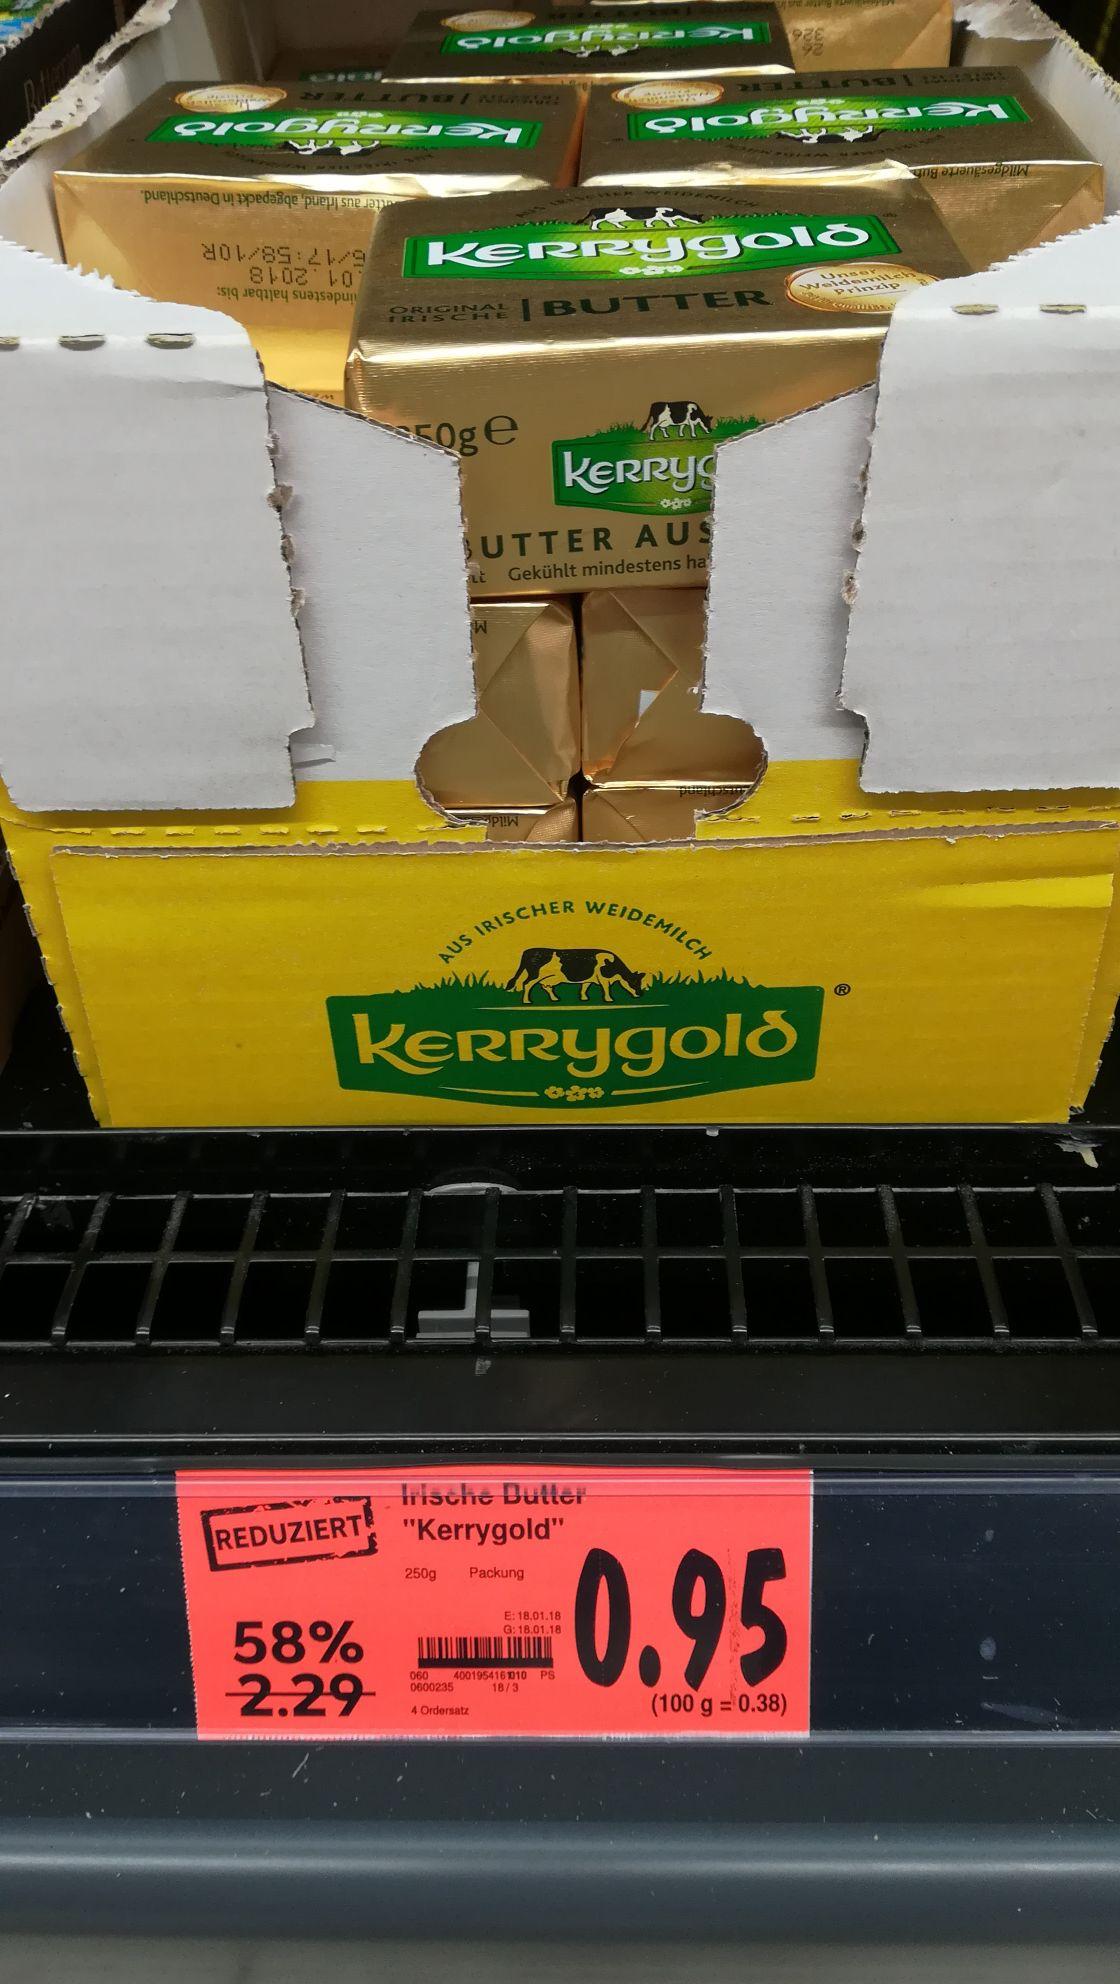 [lokal] Kaufland Gera - Kerrygold Irische Butter 0,95 €